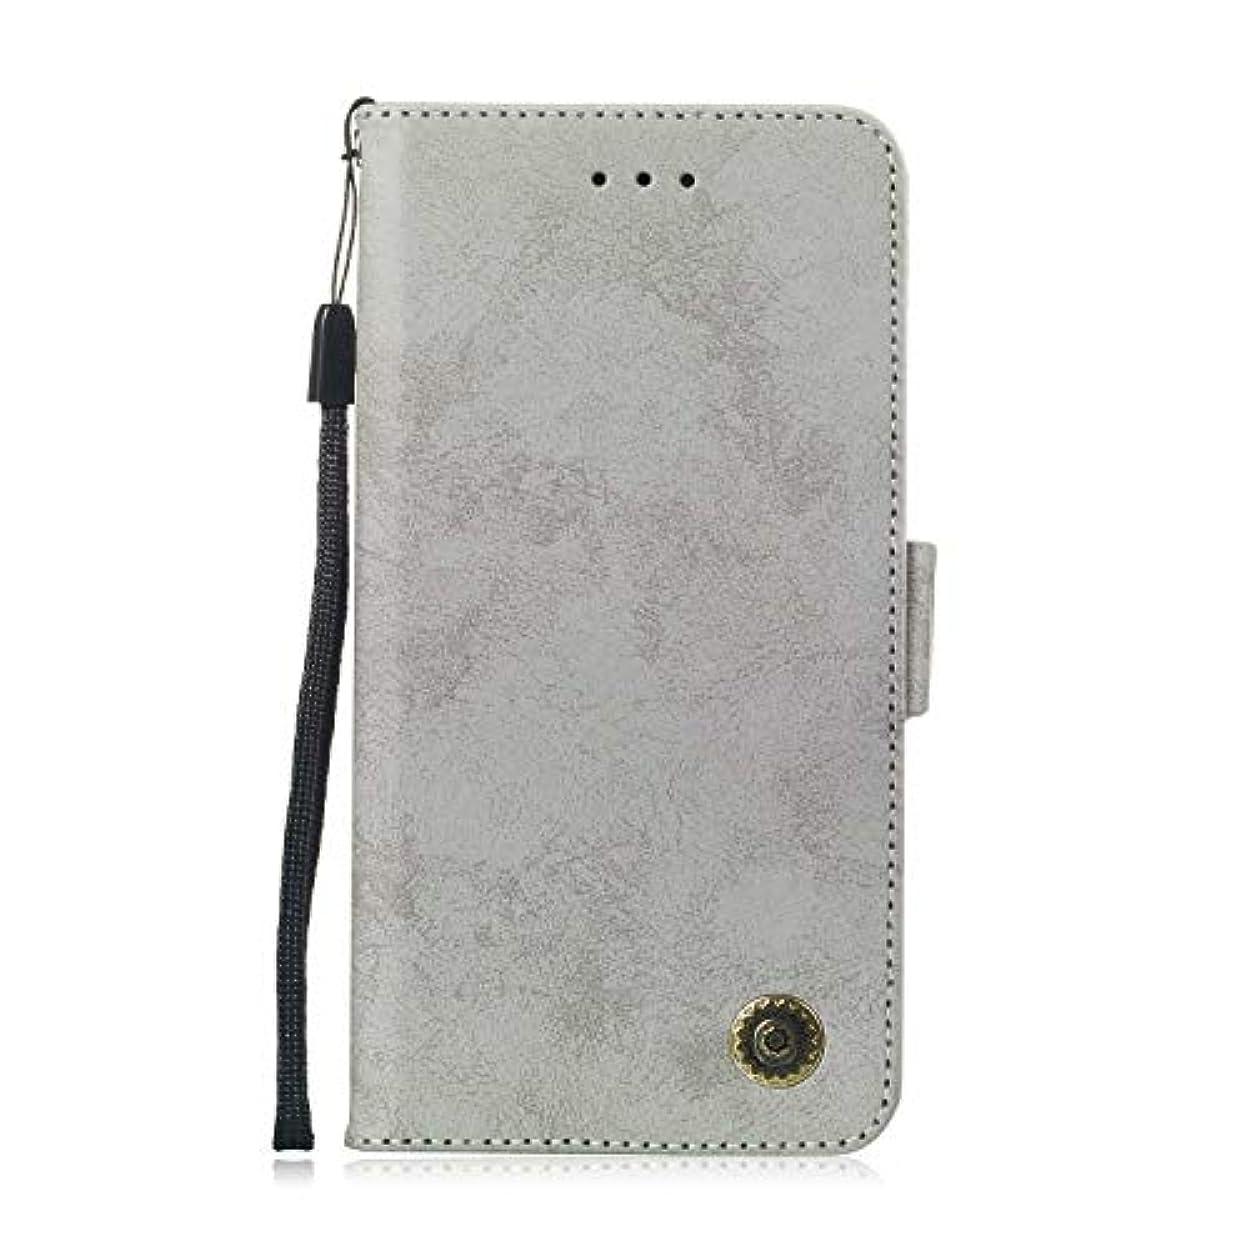 一口リフレッシュ記憶に残るZeebox® Huawei Mate 20 Lite 手帳型ケース Huawei Mate 20 Lite 手帳型カバー 財布型 合皮PUレザー マグネット式 保護ケース カード収納 スタンド 機能 (グレー #5)